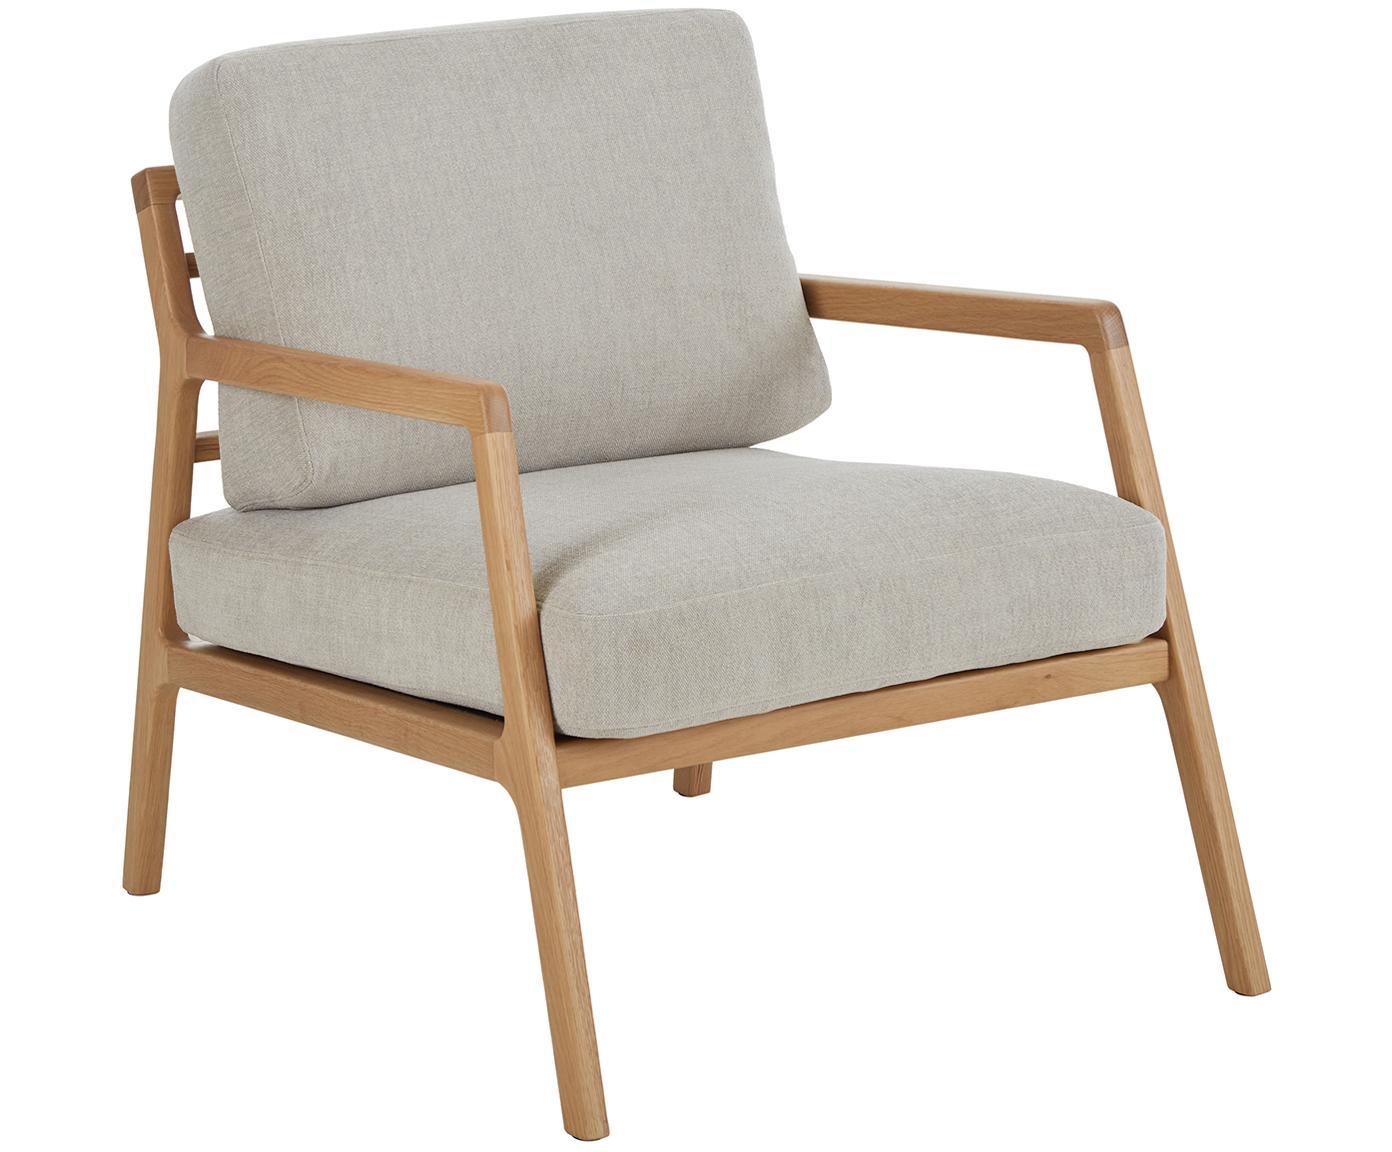 Sedia a poltrona con braccioli in legno di quercia Becky, Rivestimento: poliestere 35.000 cicli d, Struttura: legno massello di rovere, Tessuto grigio, Larg. 73 x Prof. 90 cm